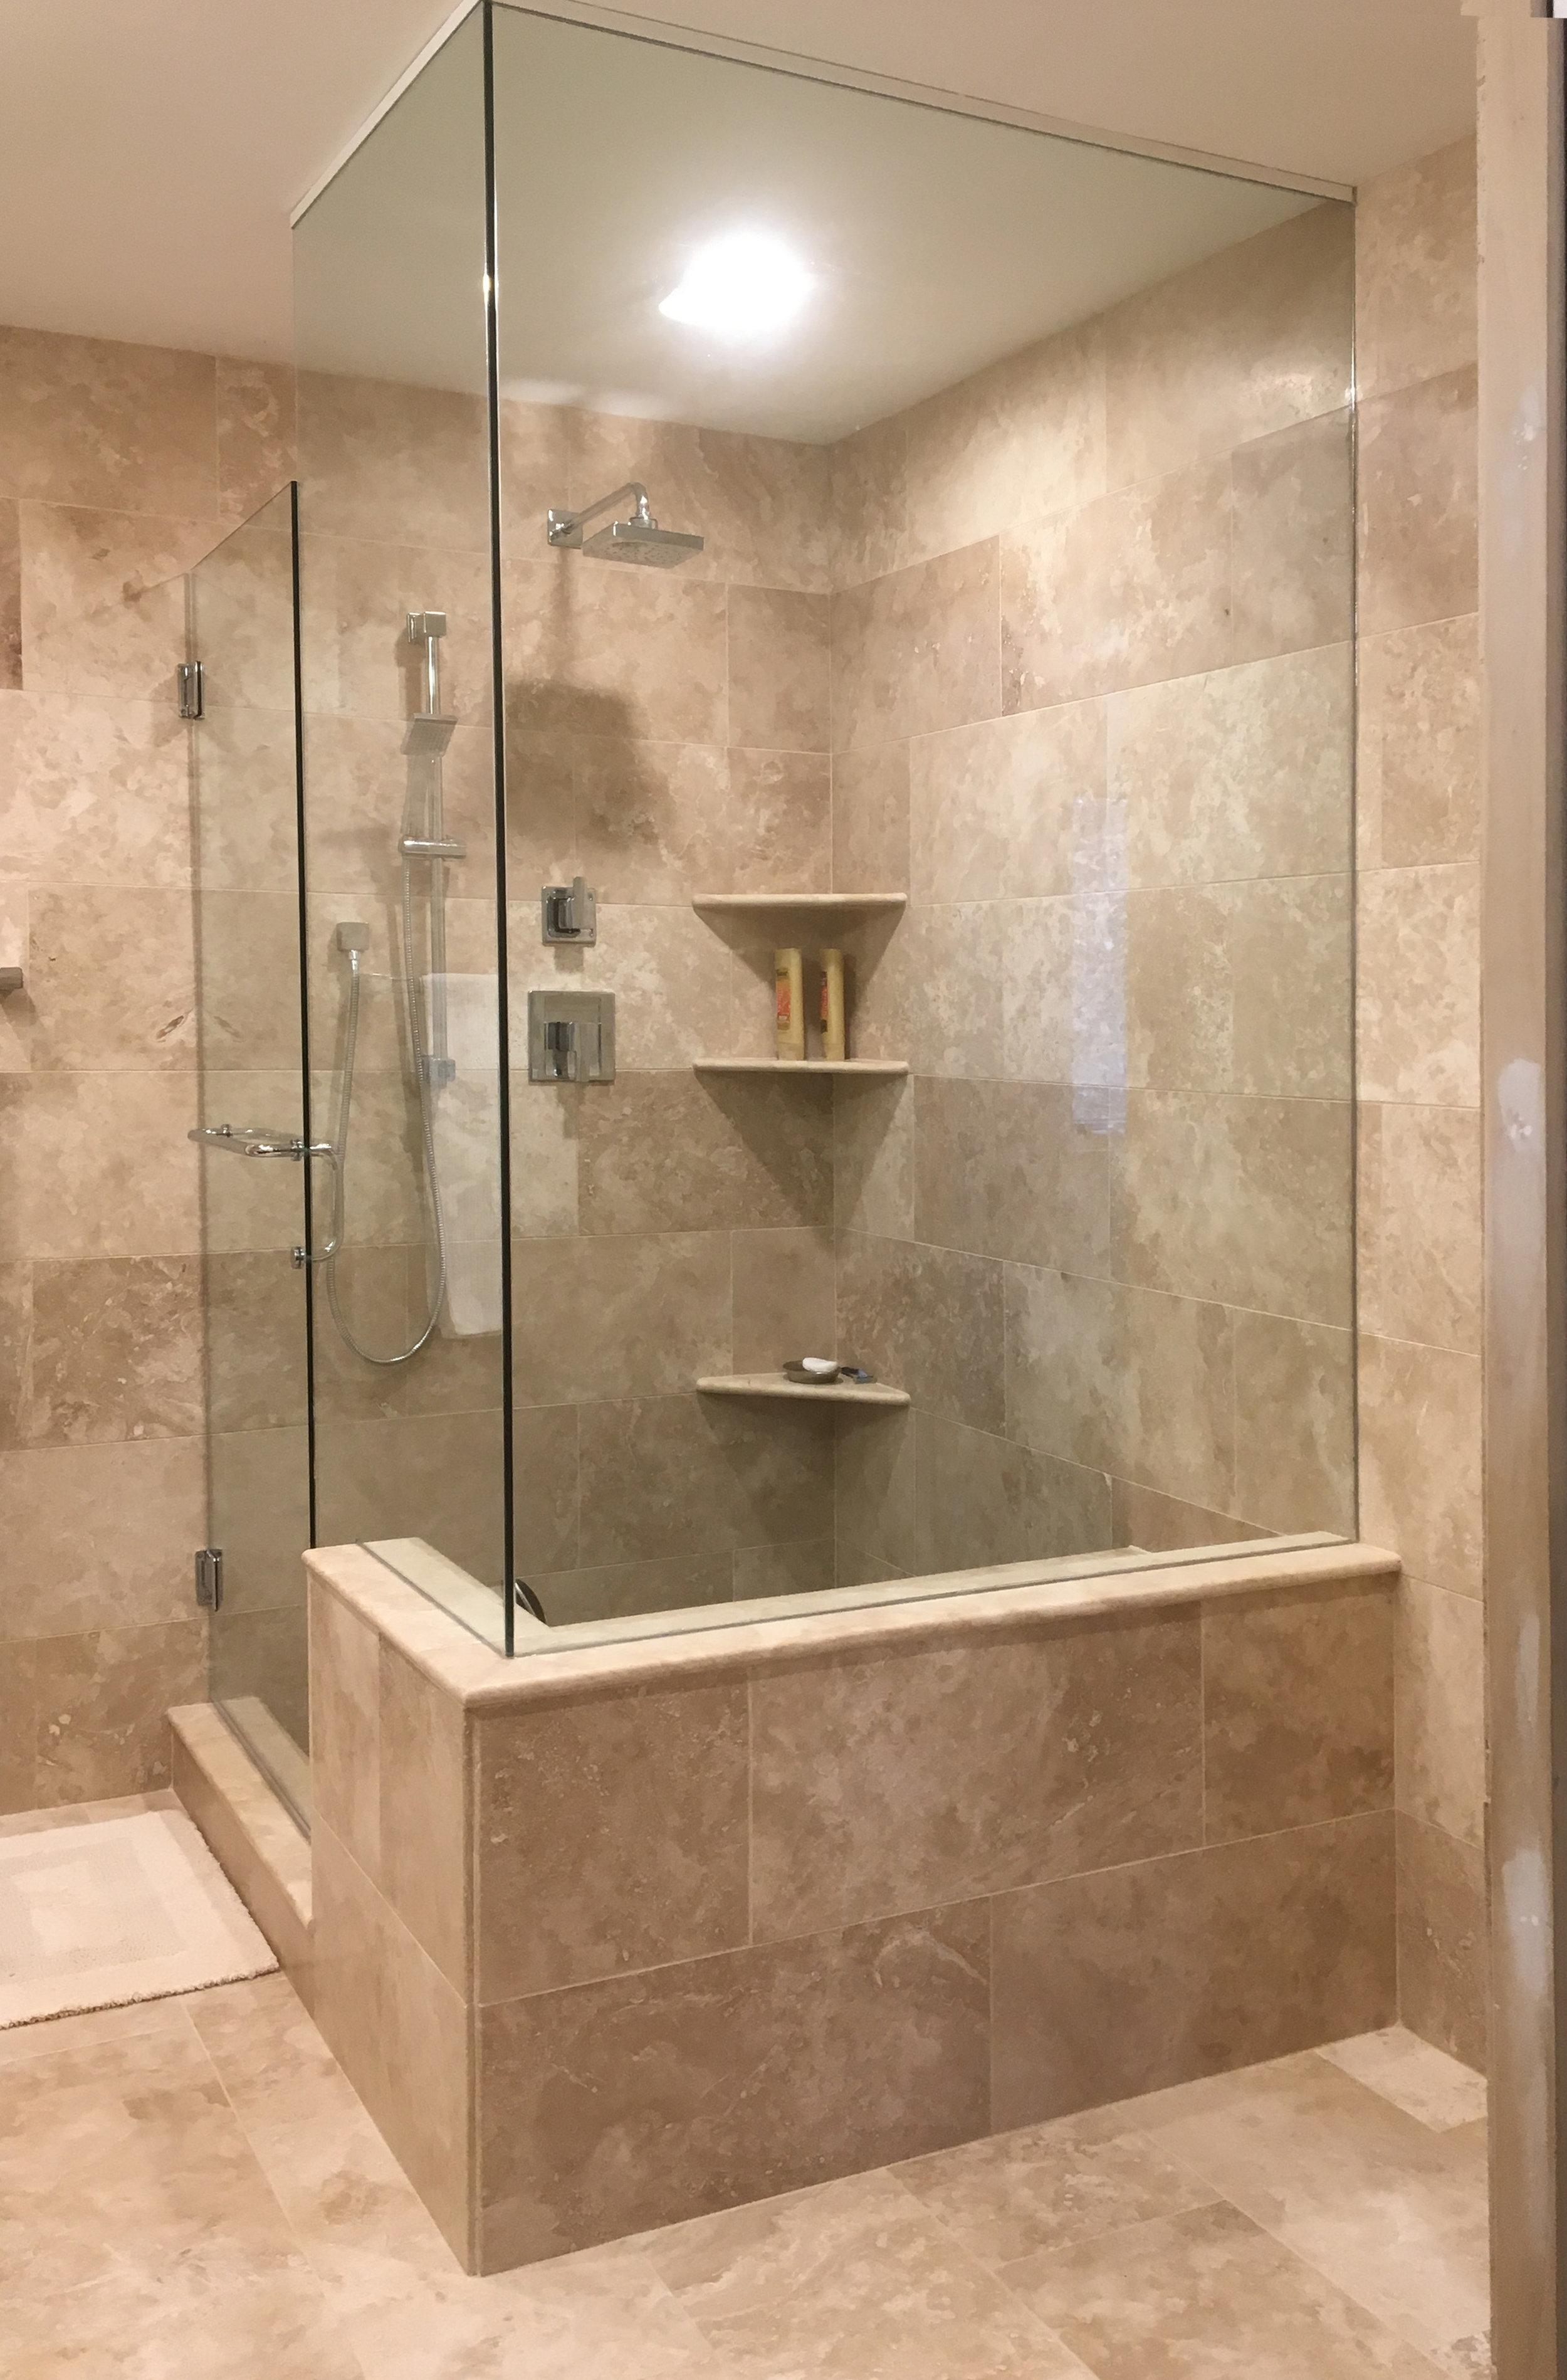 Durango Sidley Bathroom 3 .jpg